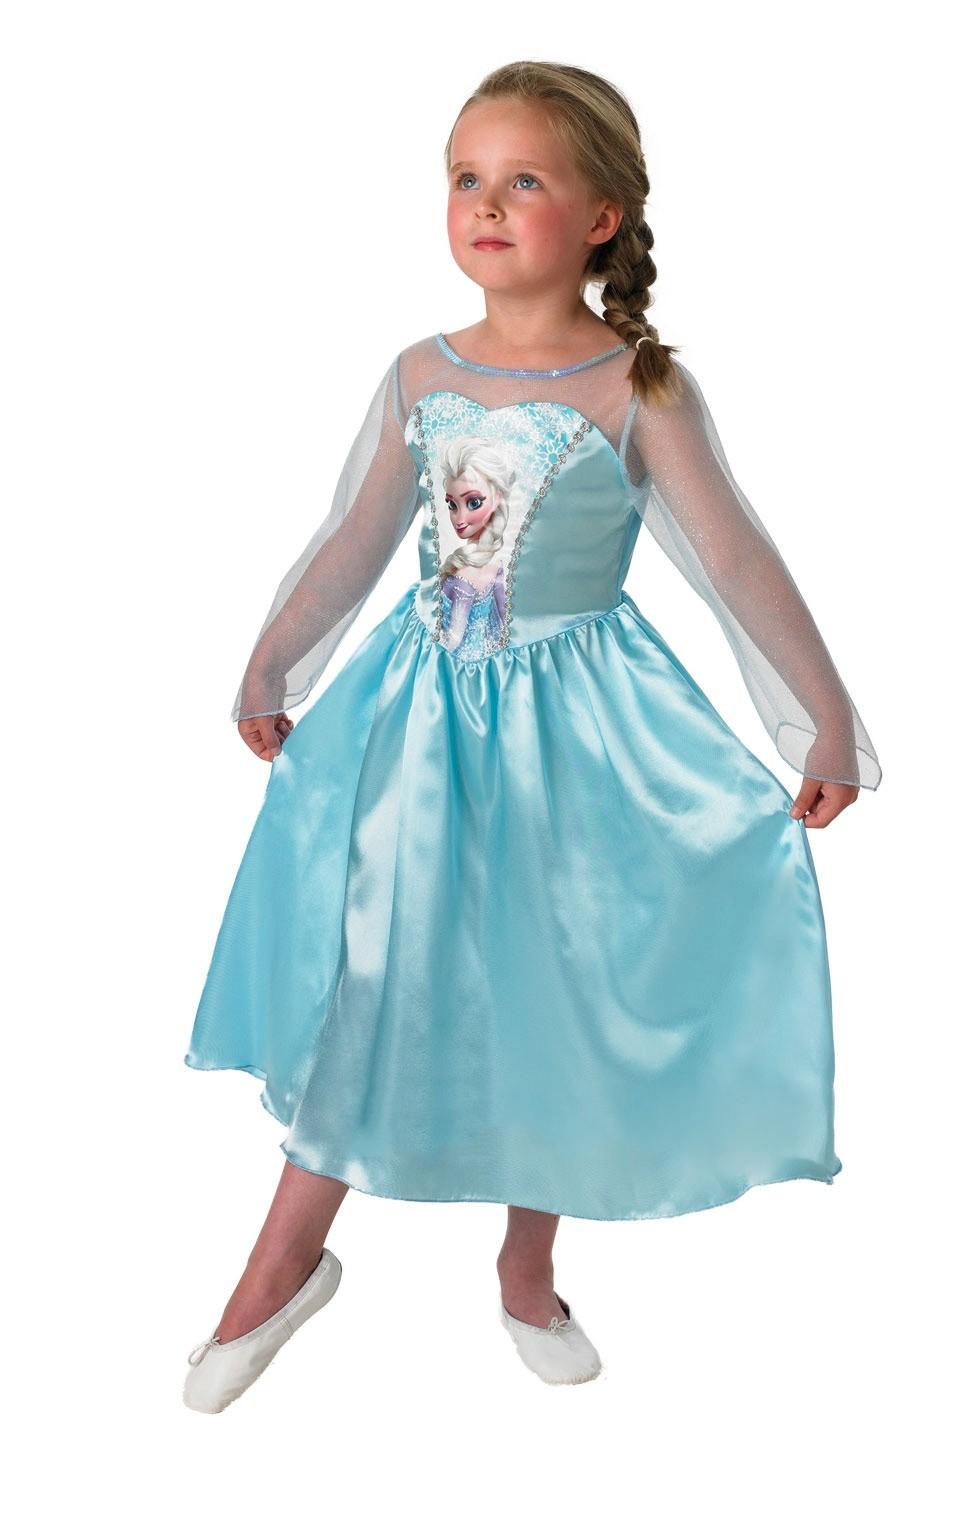 Атласное платье Эльзы из Холодного Сердца (M) - Сказочные герои